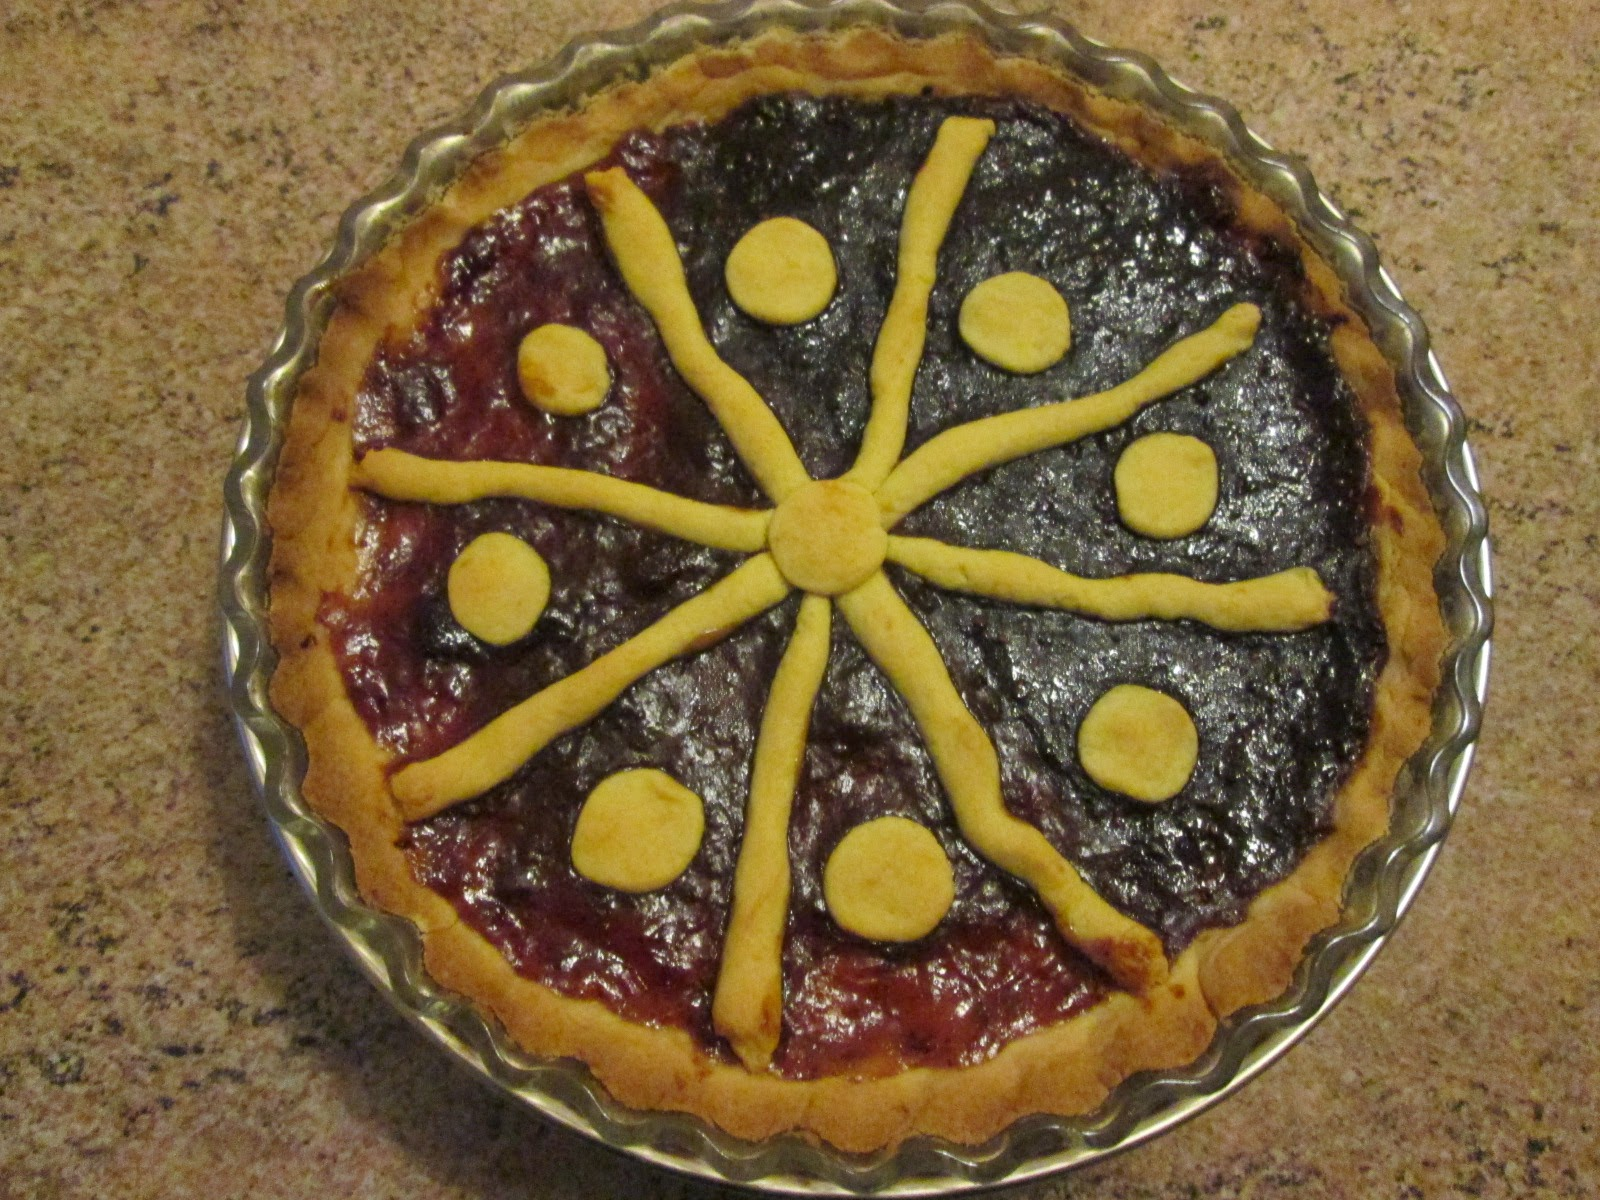 Torta com geleia (Crostata con la marmellata)